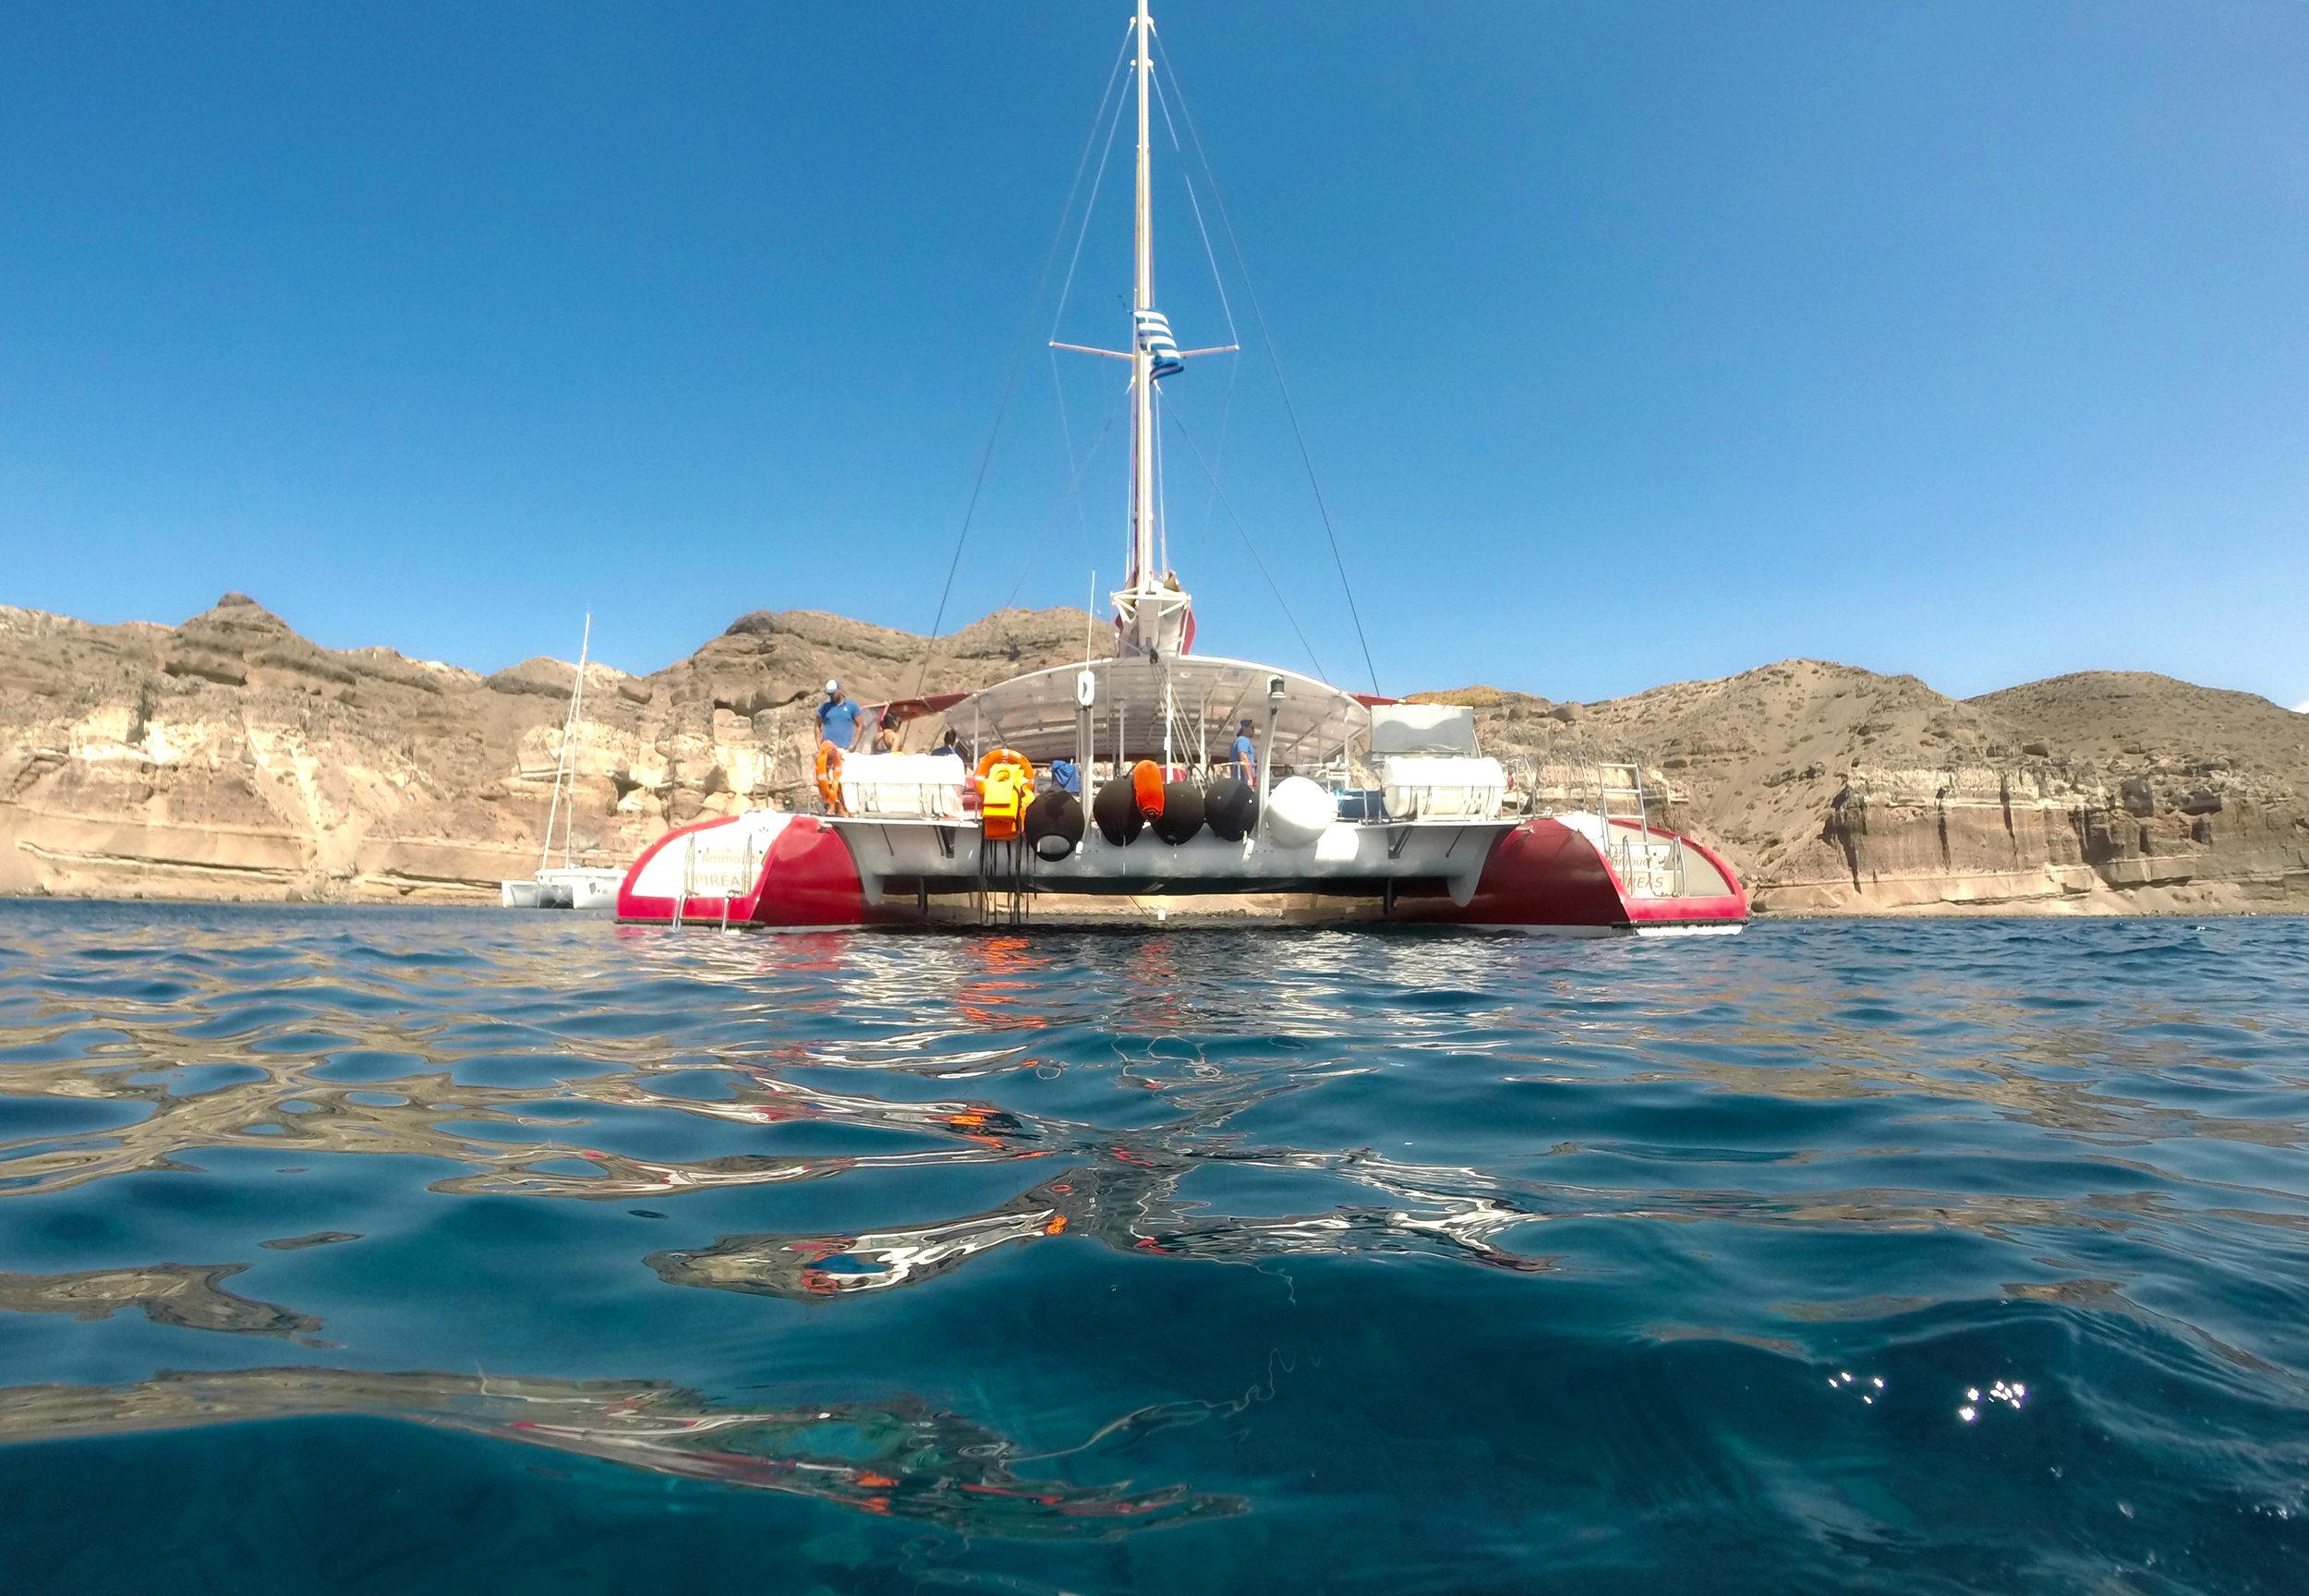 santorini-catamaran-aegean-sea.jpg